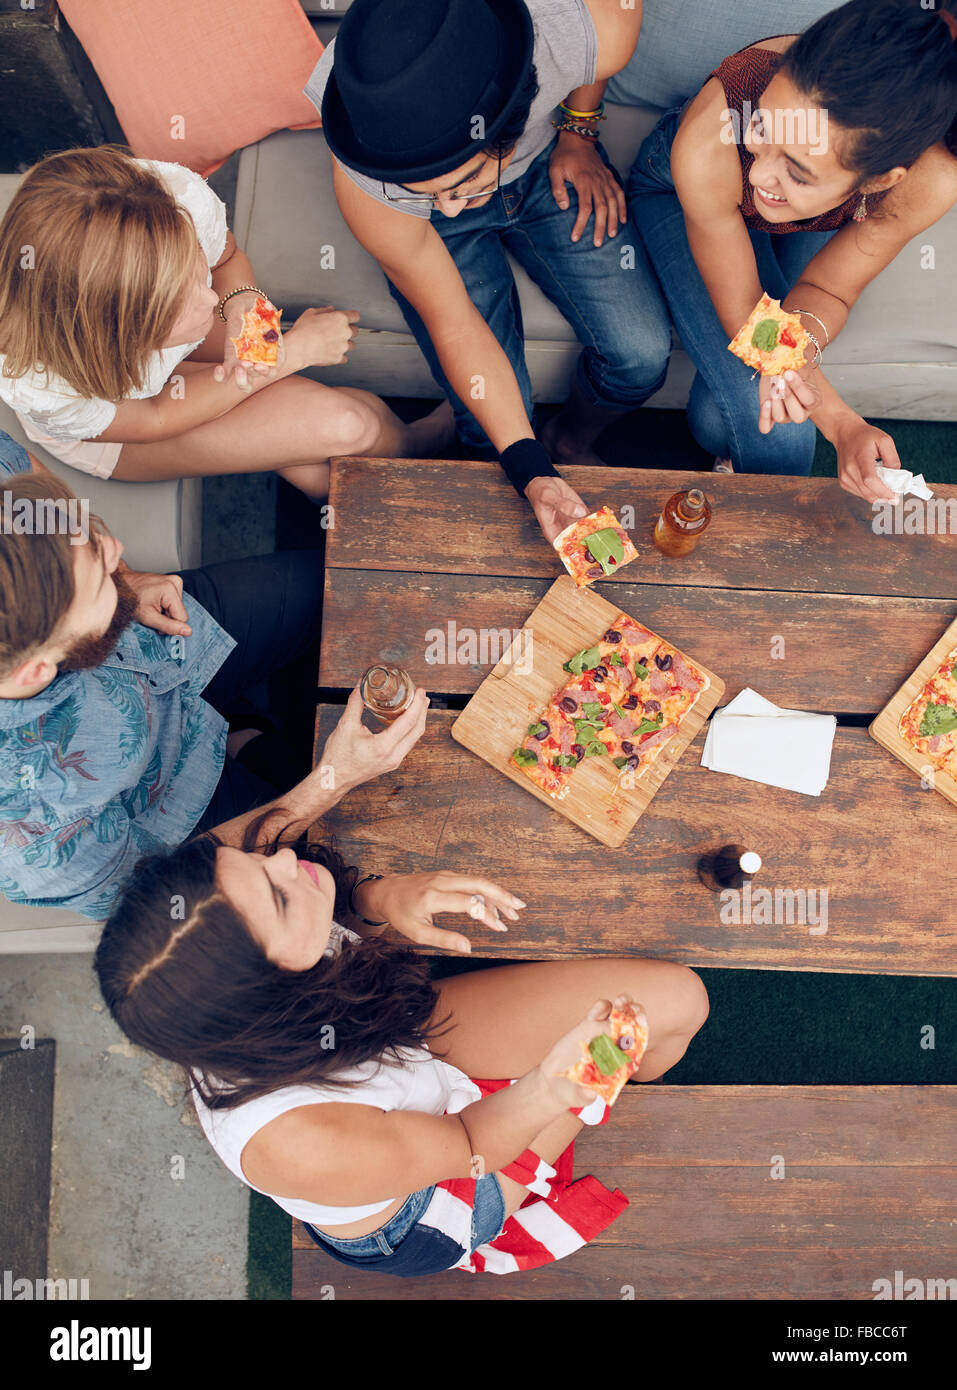 Draufsicht der Gruppe von jungen Leuten mit Getränke und Pizza Party. Gemischtrassig Freunde zusammen hängen. Stockbild